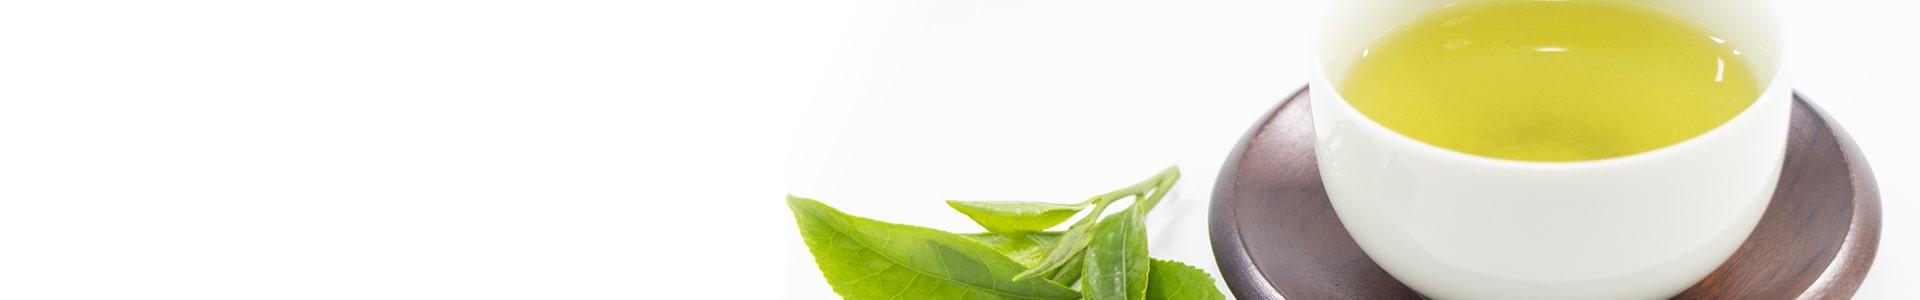 写真:お茶と茶葉